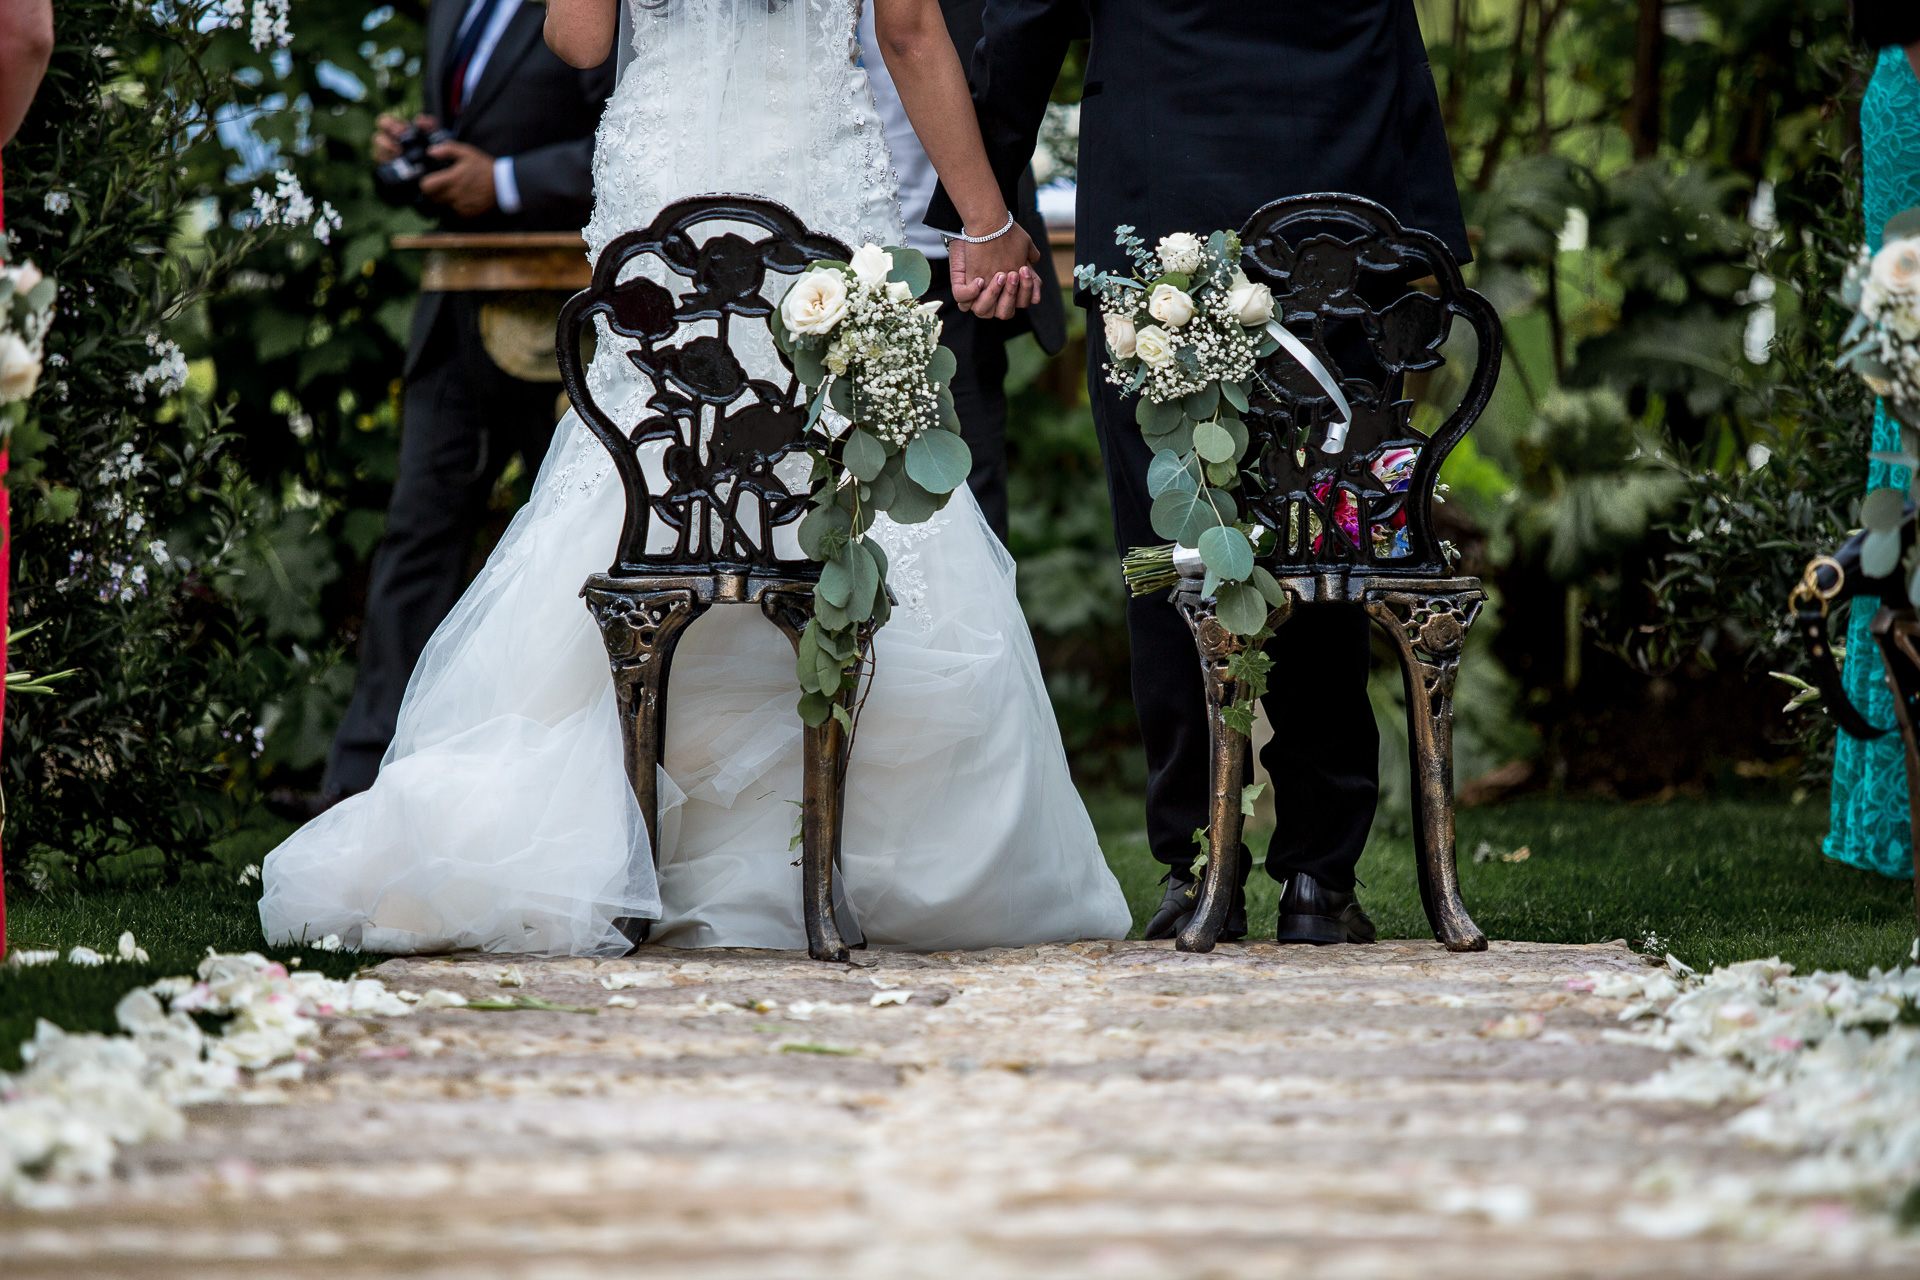 Fotógrafos-de-bodas-en-Colombia-Alejandro-y-Angelica-22 ALEJANDRO + ANGELICA